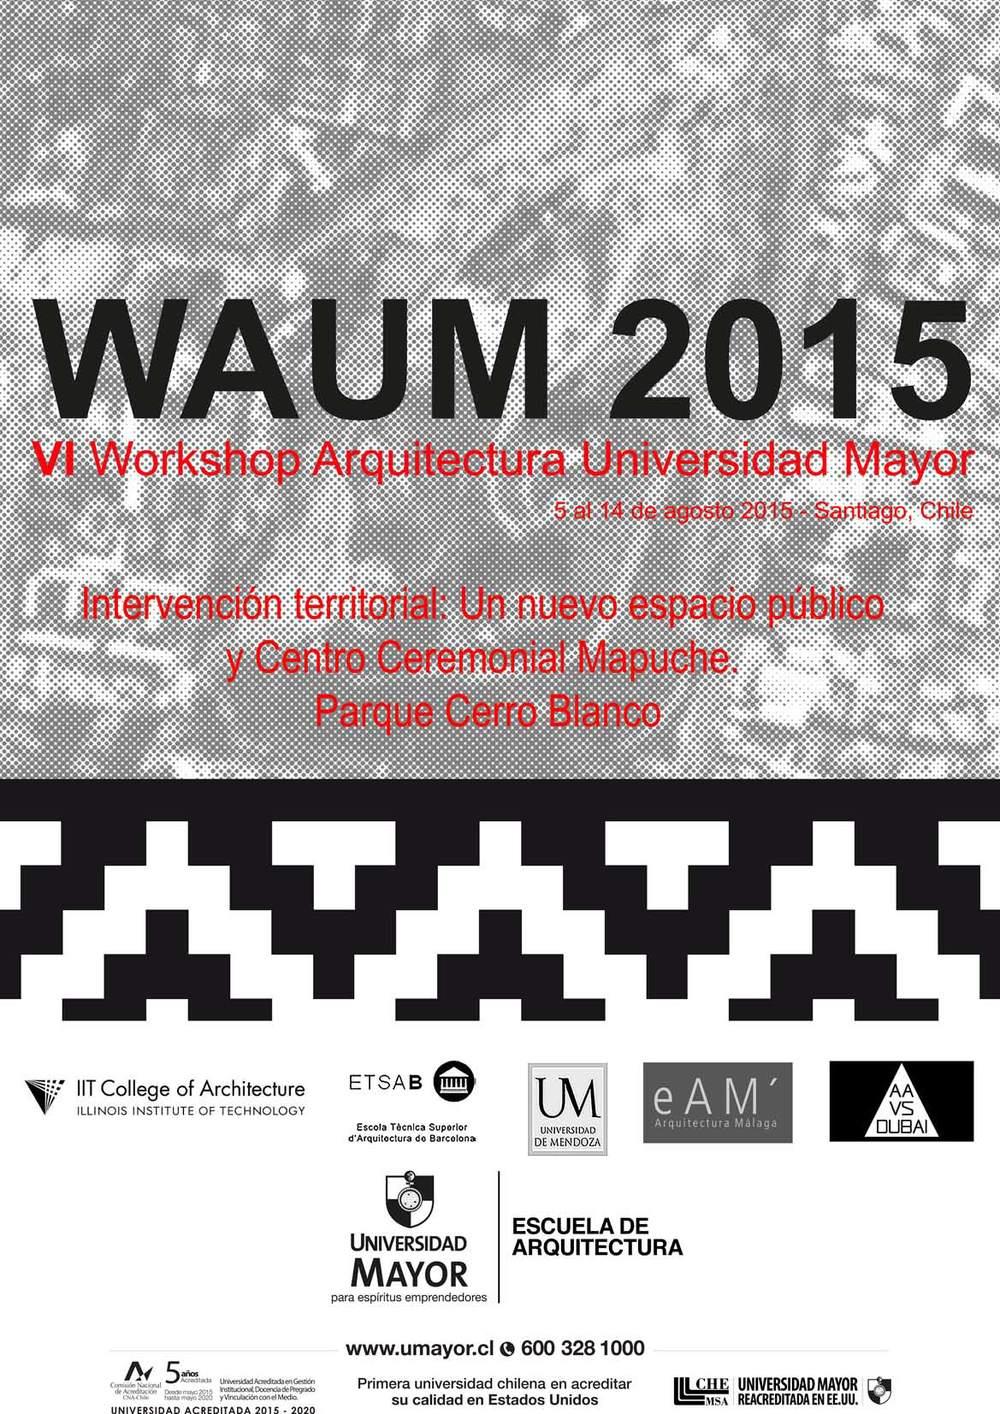 WAUM2015_Poster2.jpg